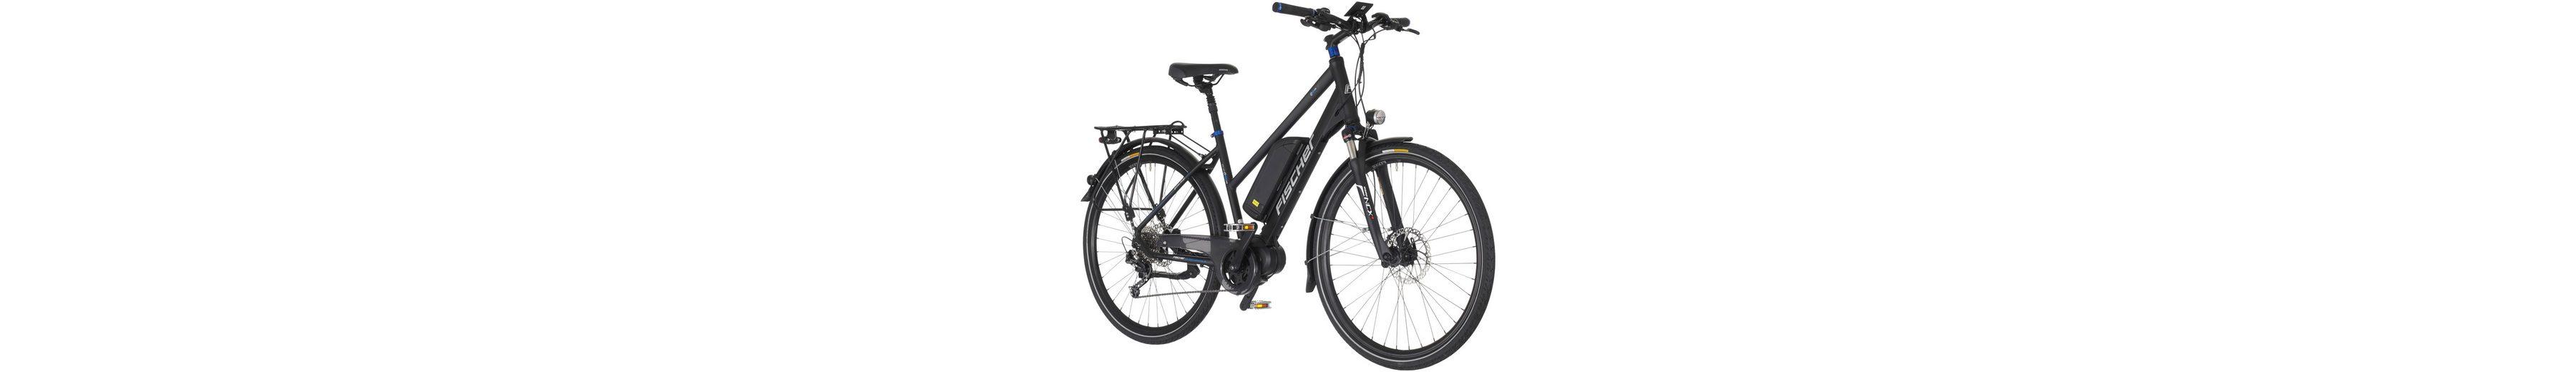 E-Bike Trekking Damen »ETD1607«, 28 Zoll, 9 Gang, Mittelmotor, 504 Wh